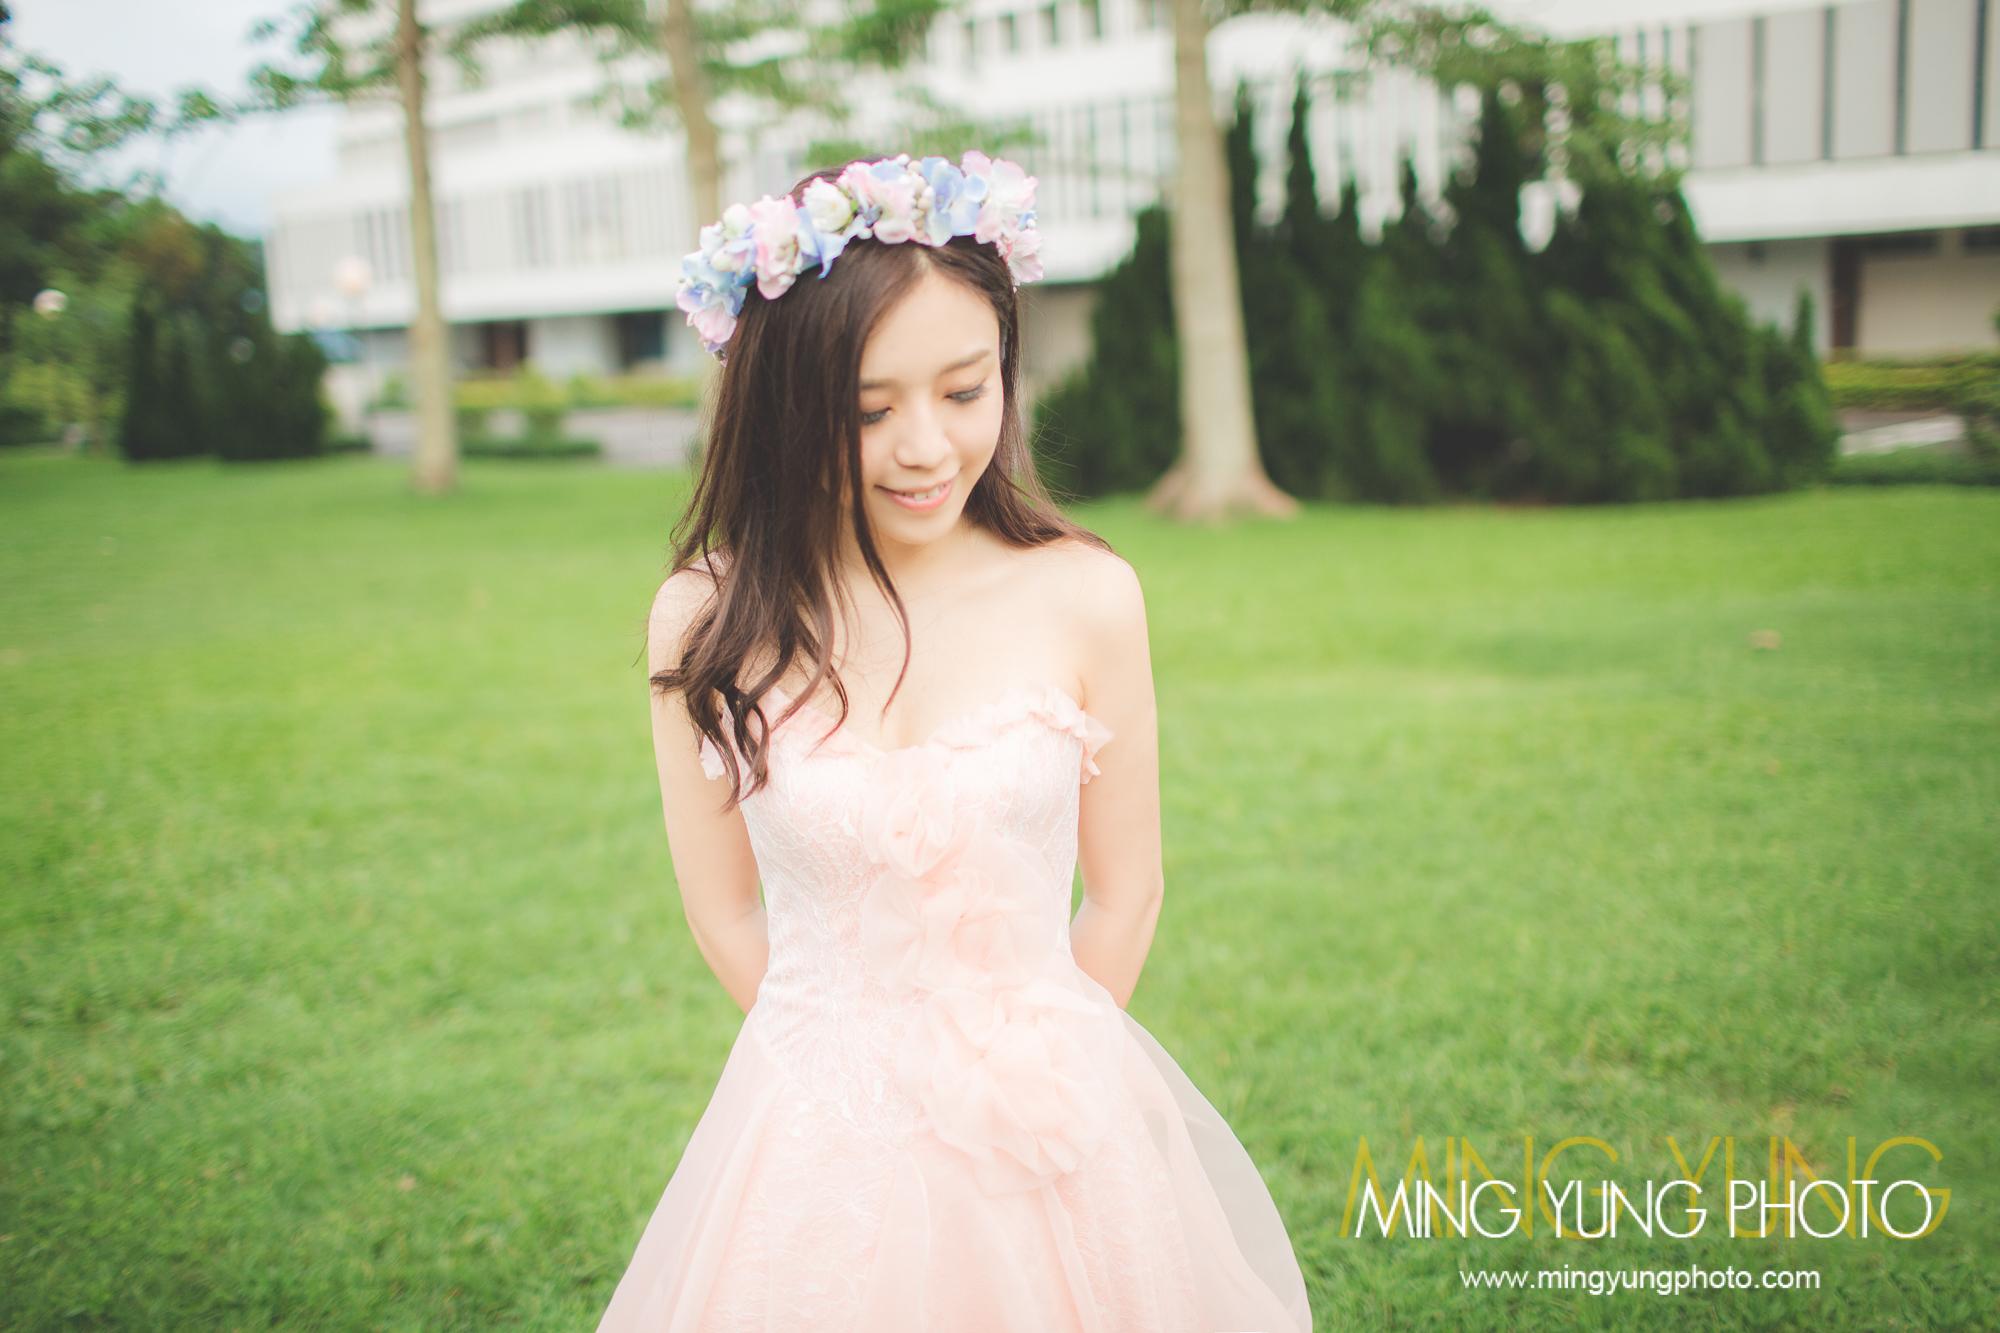 mingyungphoto-20160507-0019